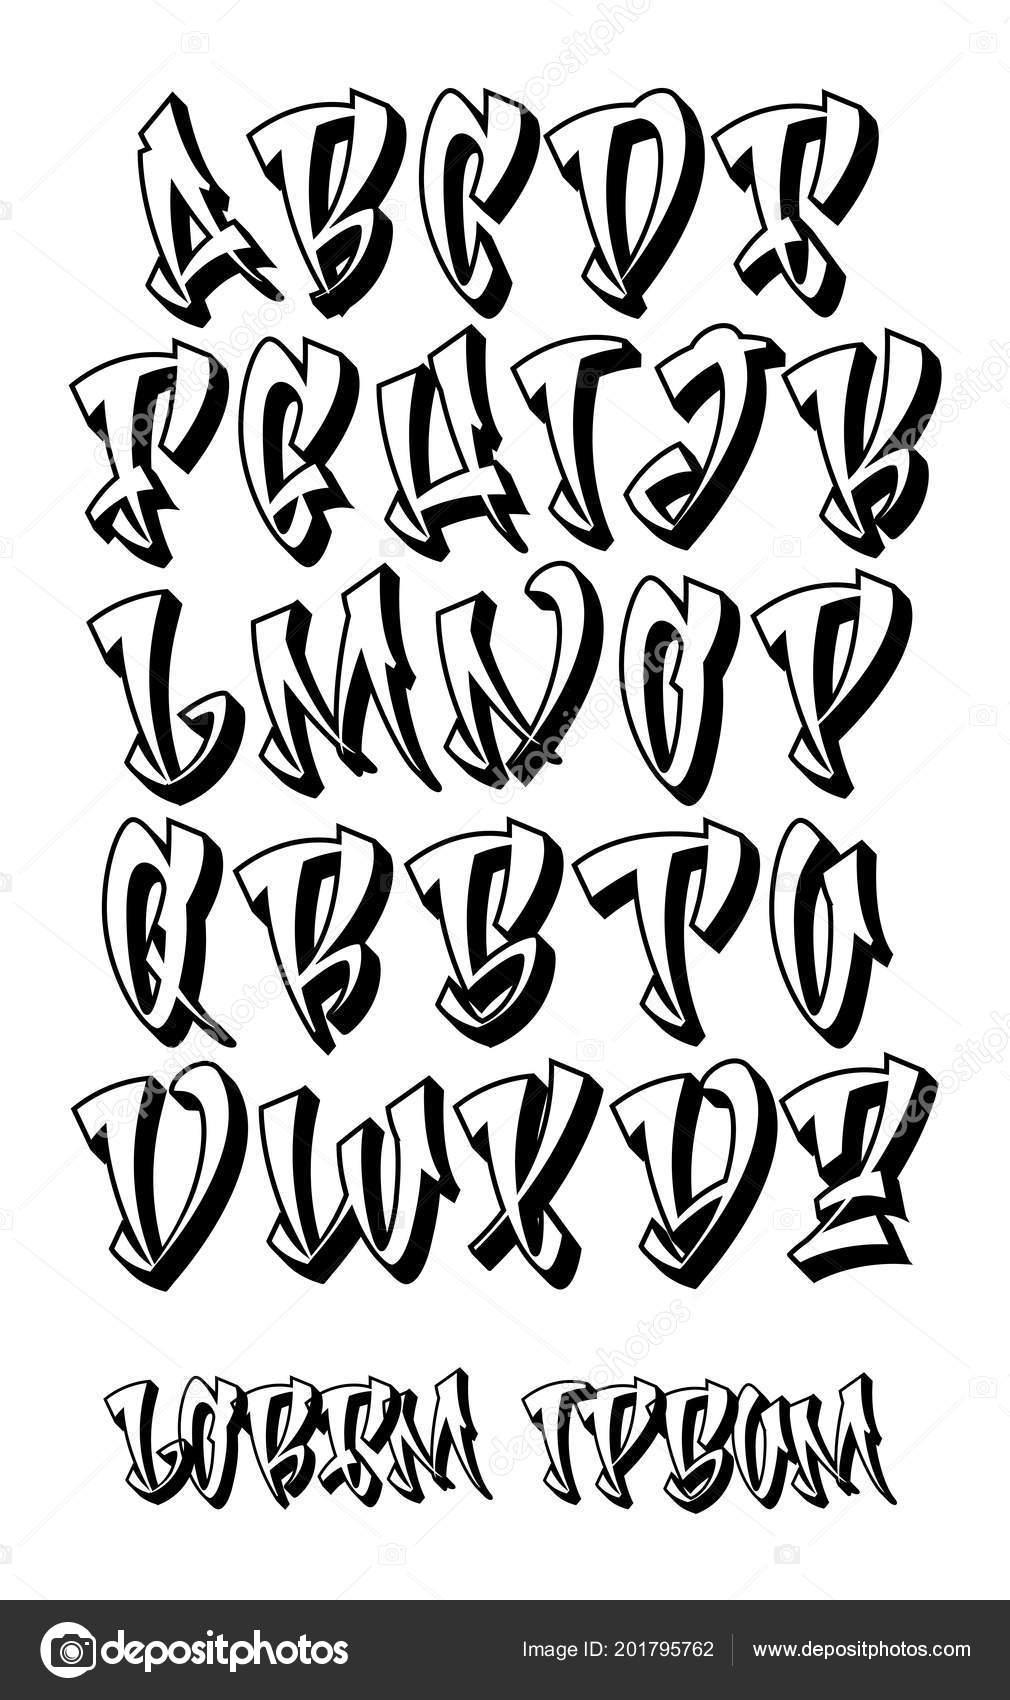 Fuente Vectorial En Graffiti Mano Escrito Estilo 3D Alfabeto De Letras MayãºSculas Imã¡genes Letras Graffitis 3D Vector De Photo Jope Vector De Photo